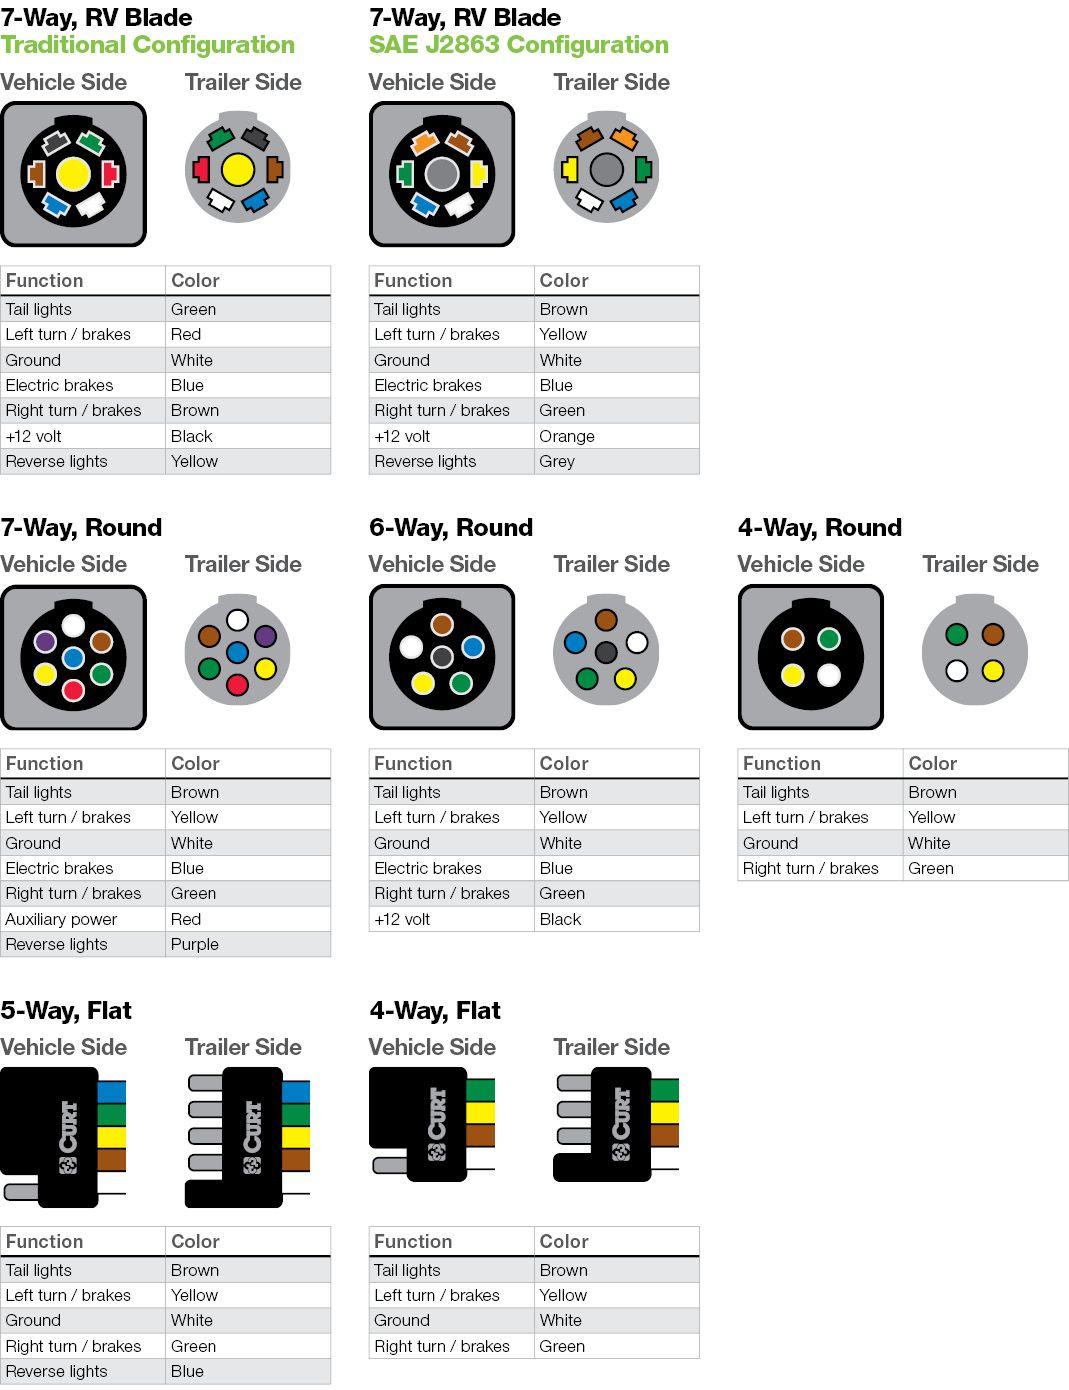 7 Blade Trailer Plug Wiring : blade, trailer, wiring, Wiring, Diagram, Trailer, Hookup,, Http://bookingritzcarlton.info/wiring-, Diagram-for-trailer-hookup/, Light, Wiring,, Diagram,